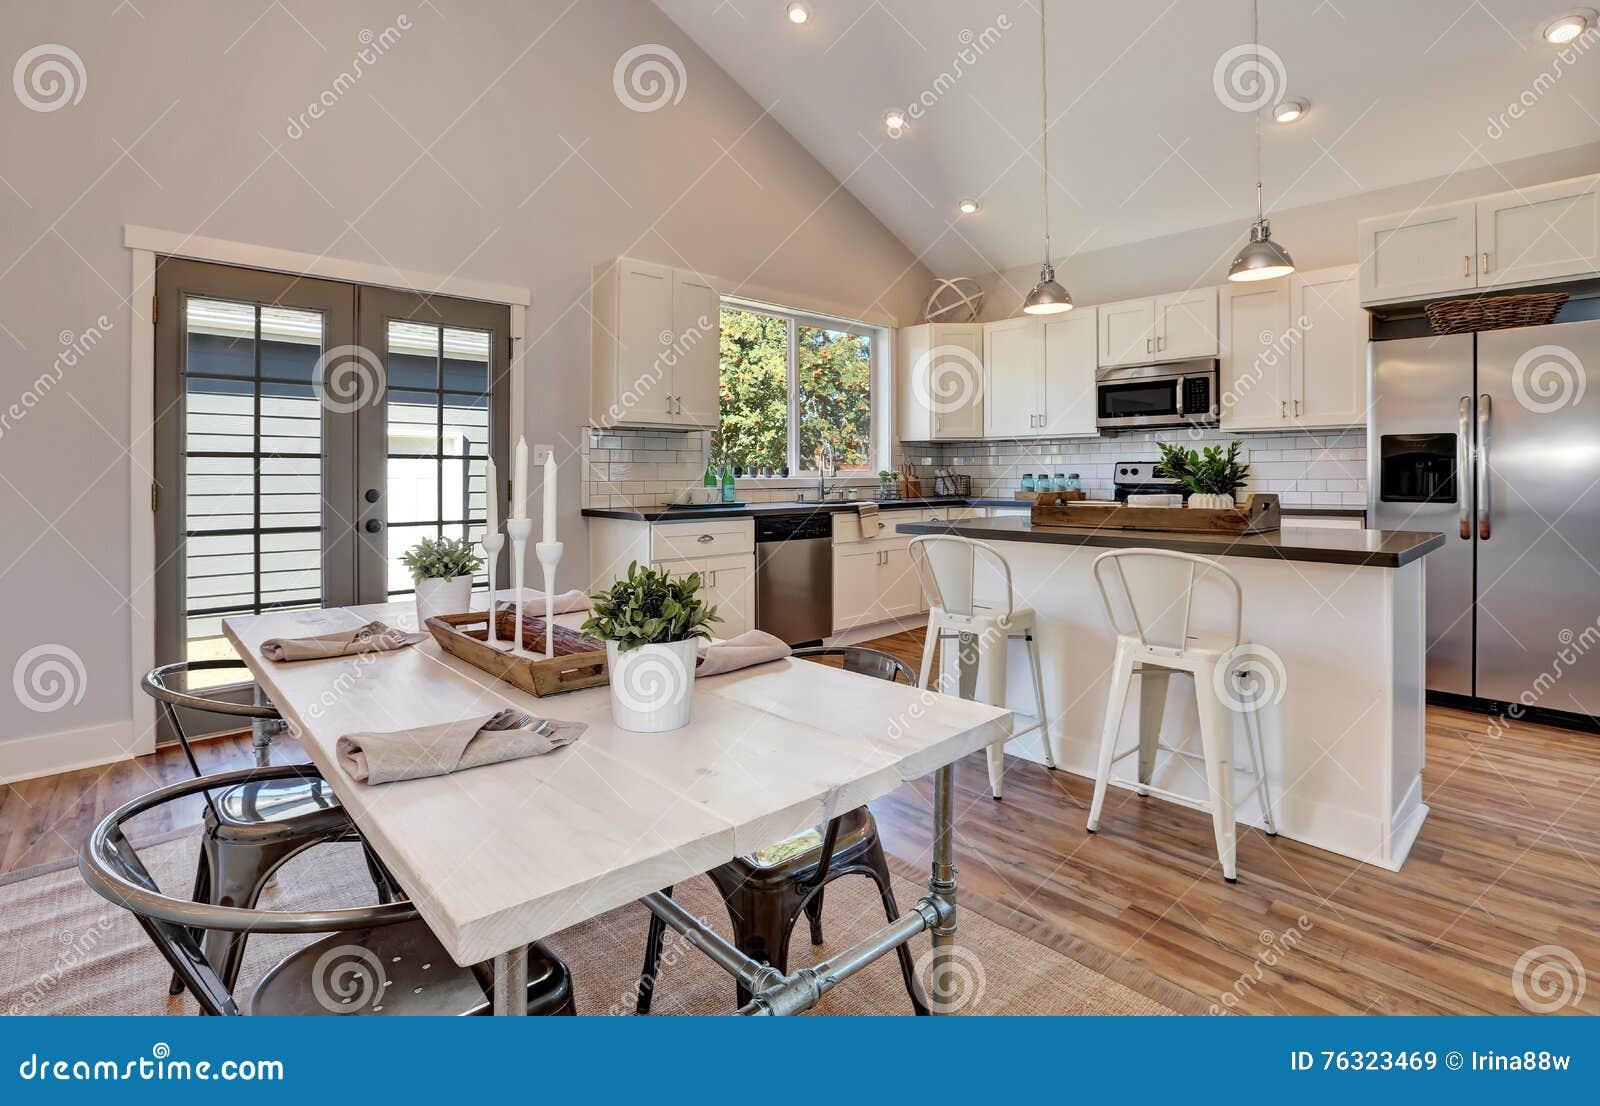 Ungewöhnlich Küchenbeleuchtung Auf Gewölbten Decken Bilder - Ideen ...